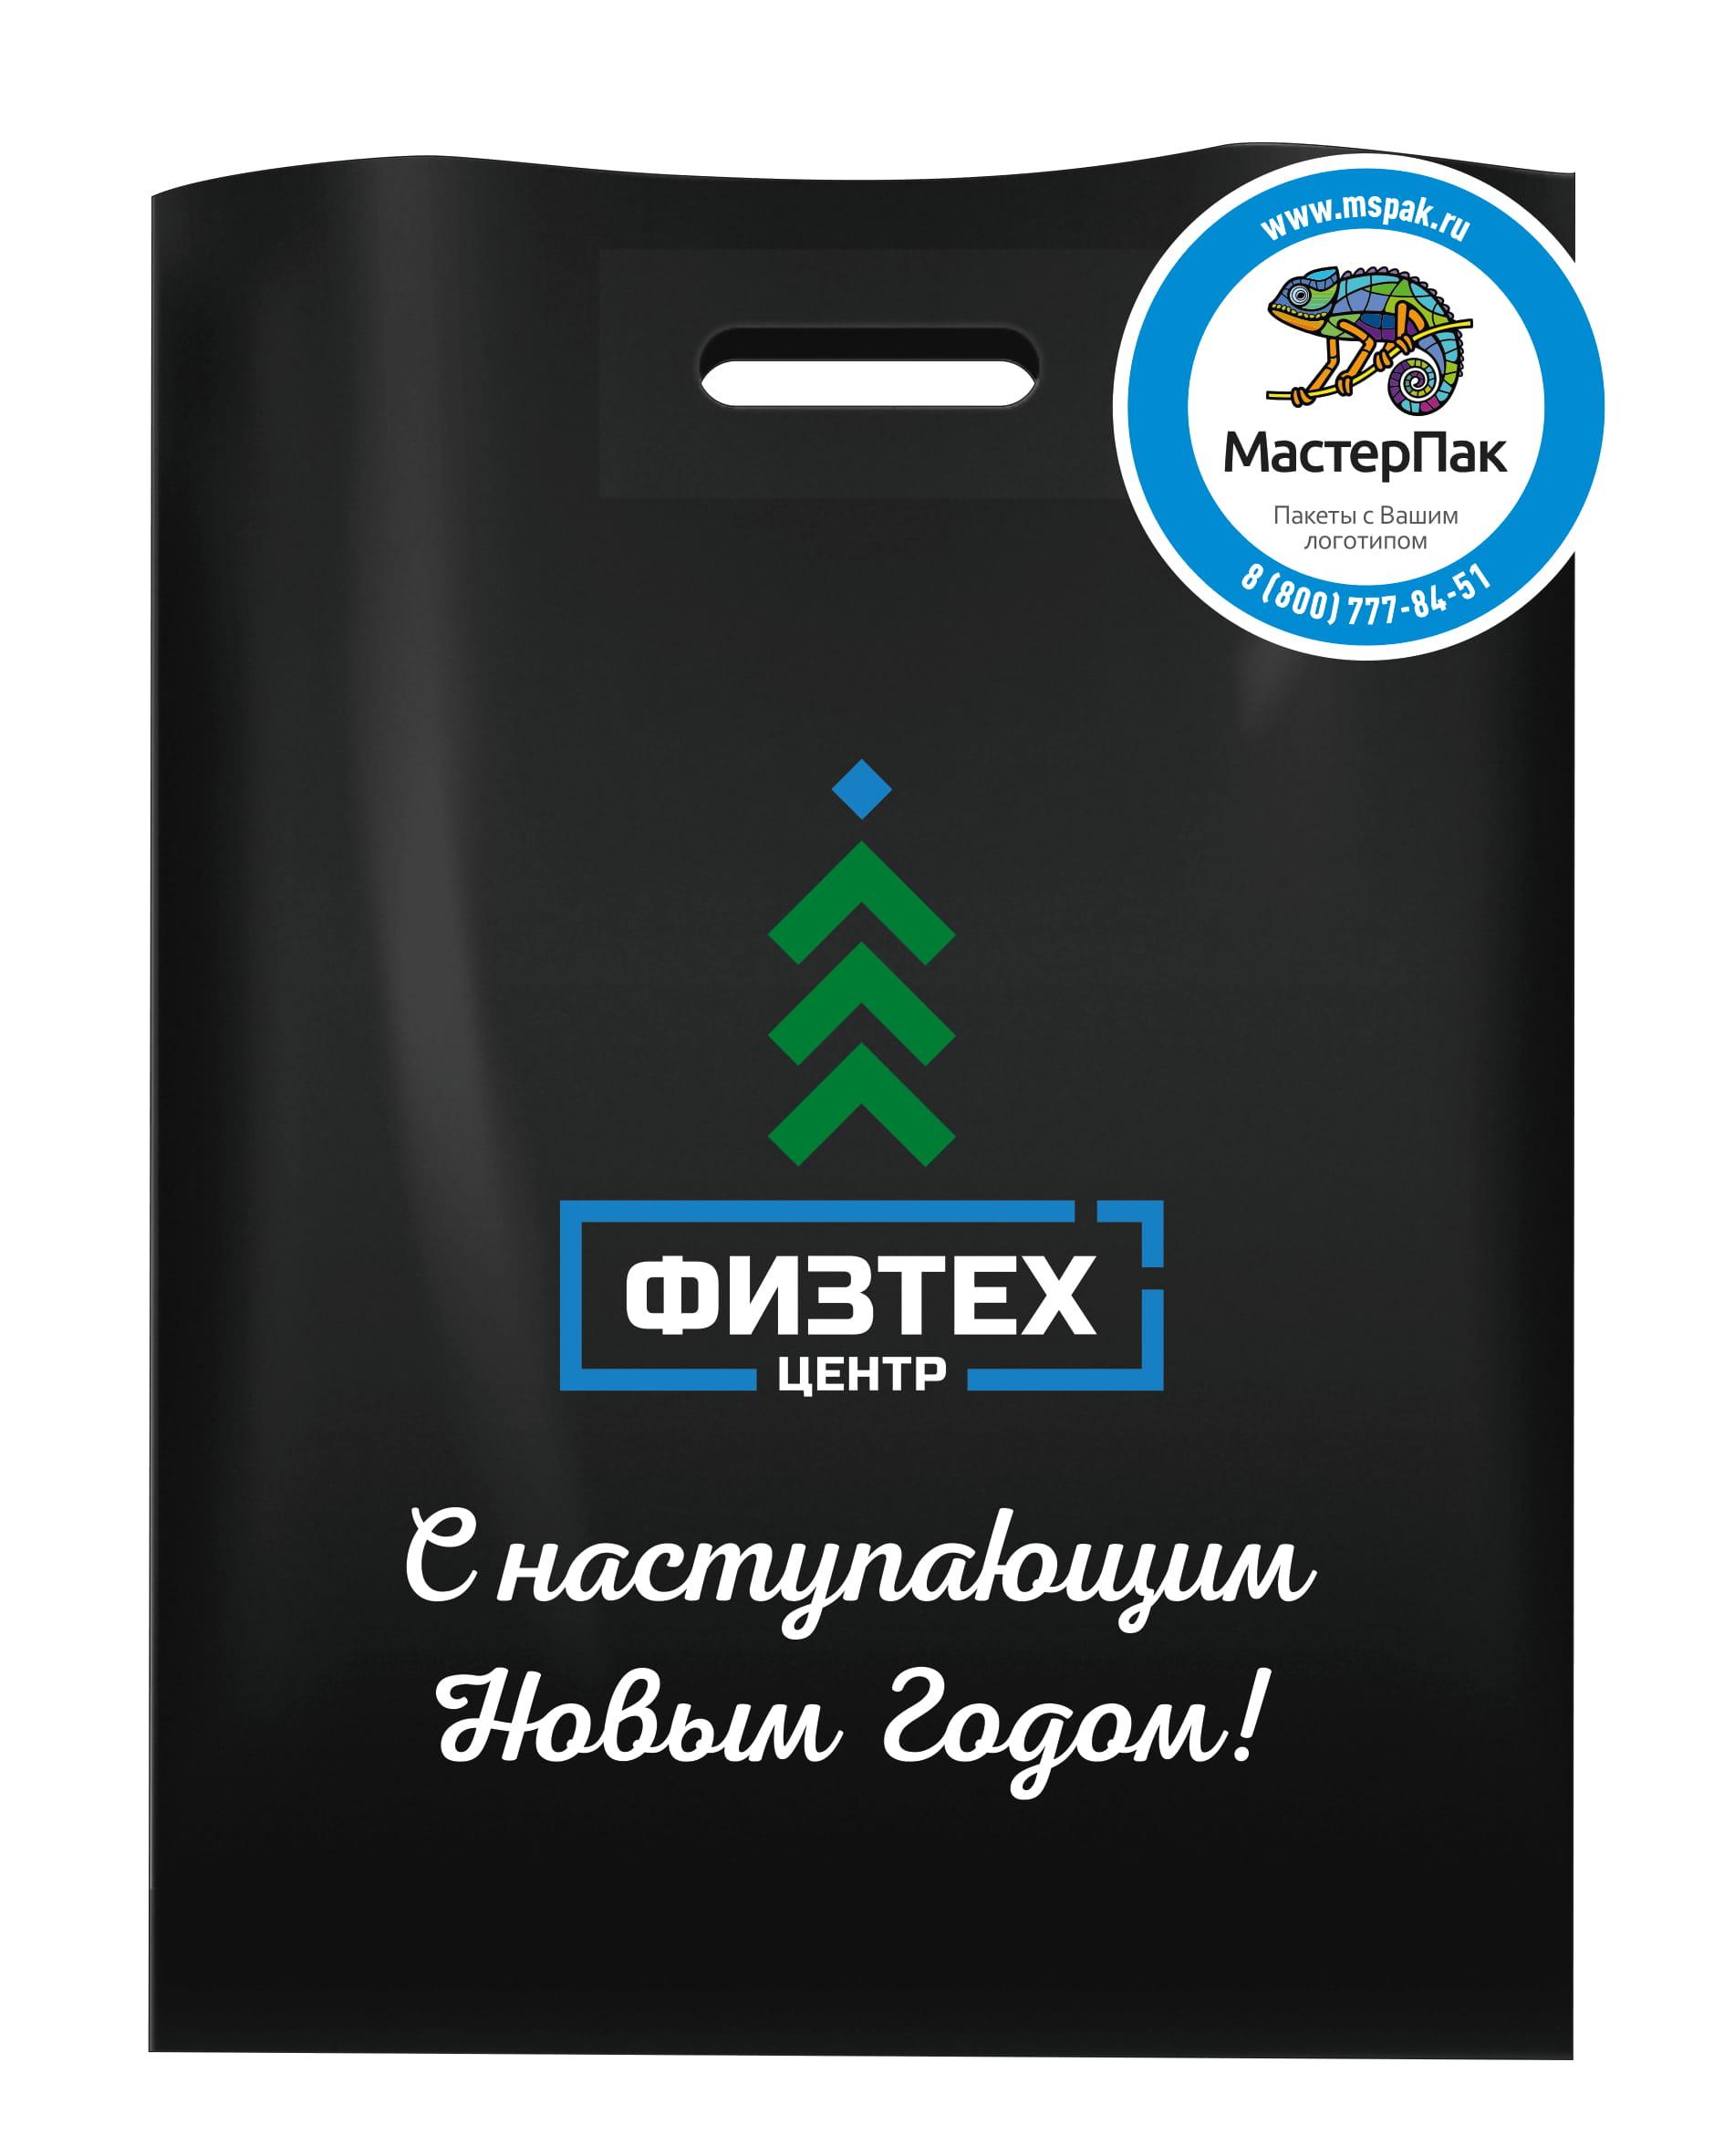 Пакет ПВД с вырубной ручкой и логотипом ФизТех центр, Москва, 30*40, 70 мкм